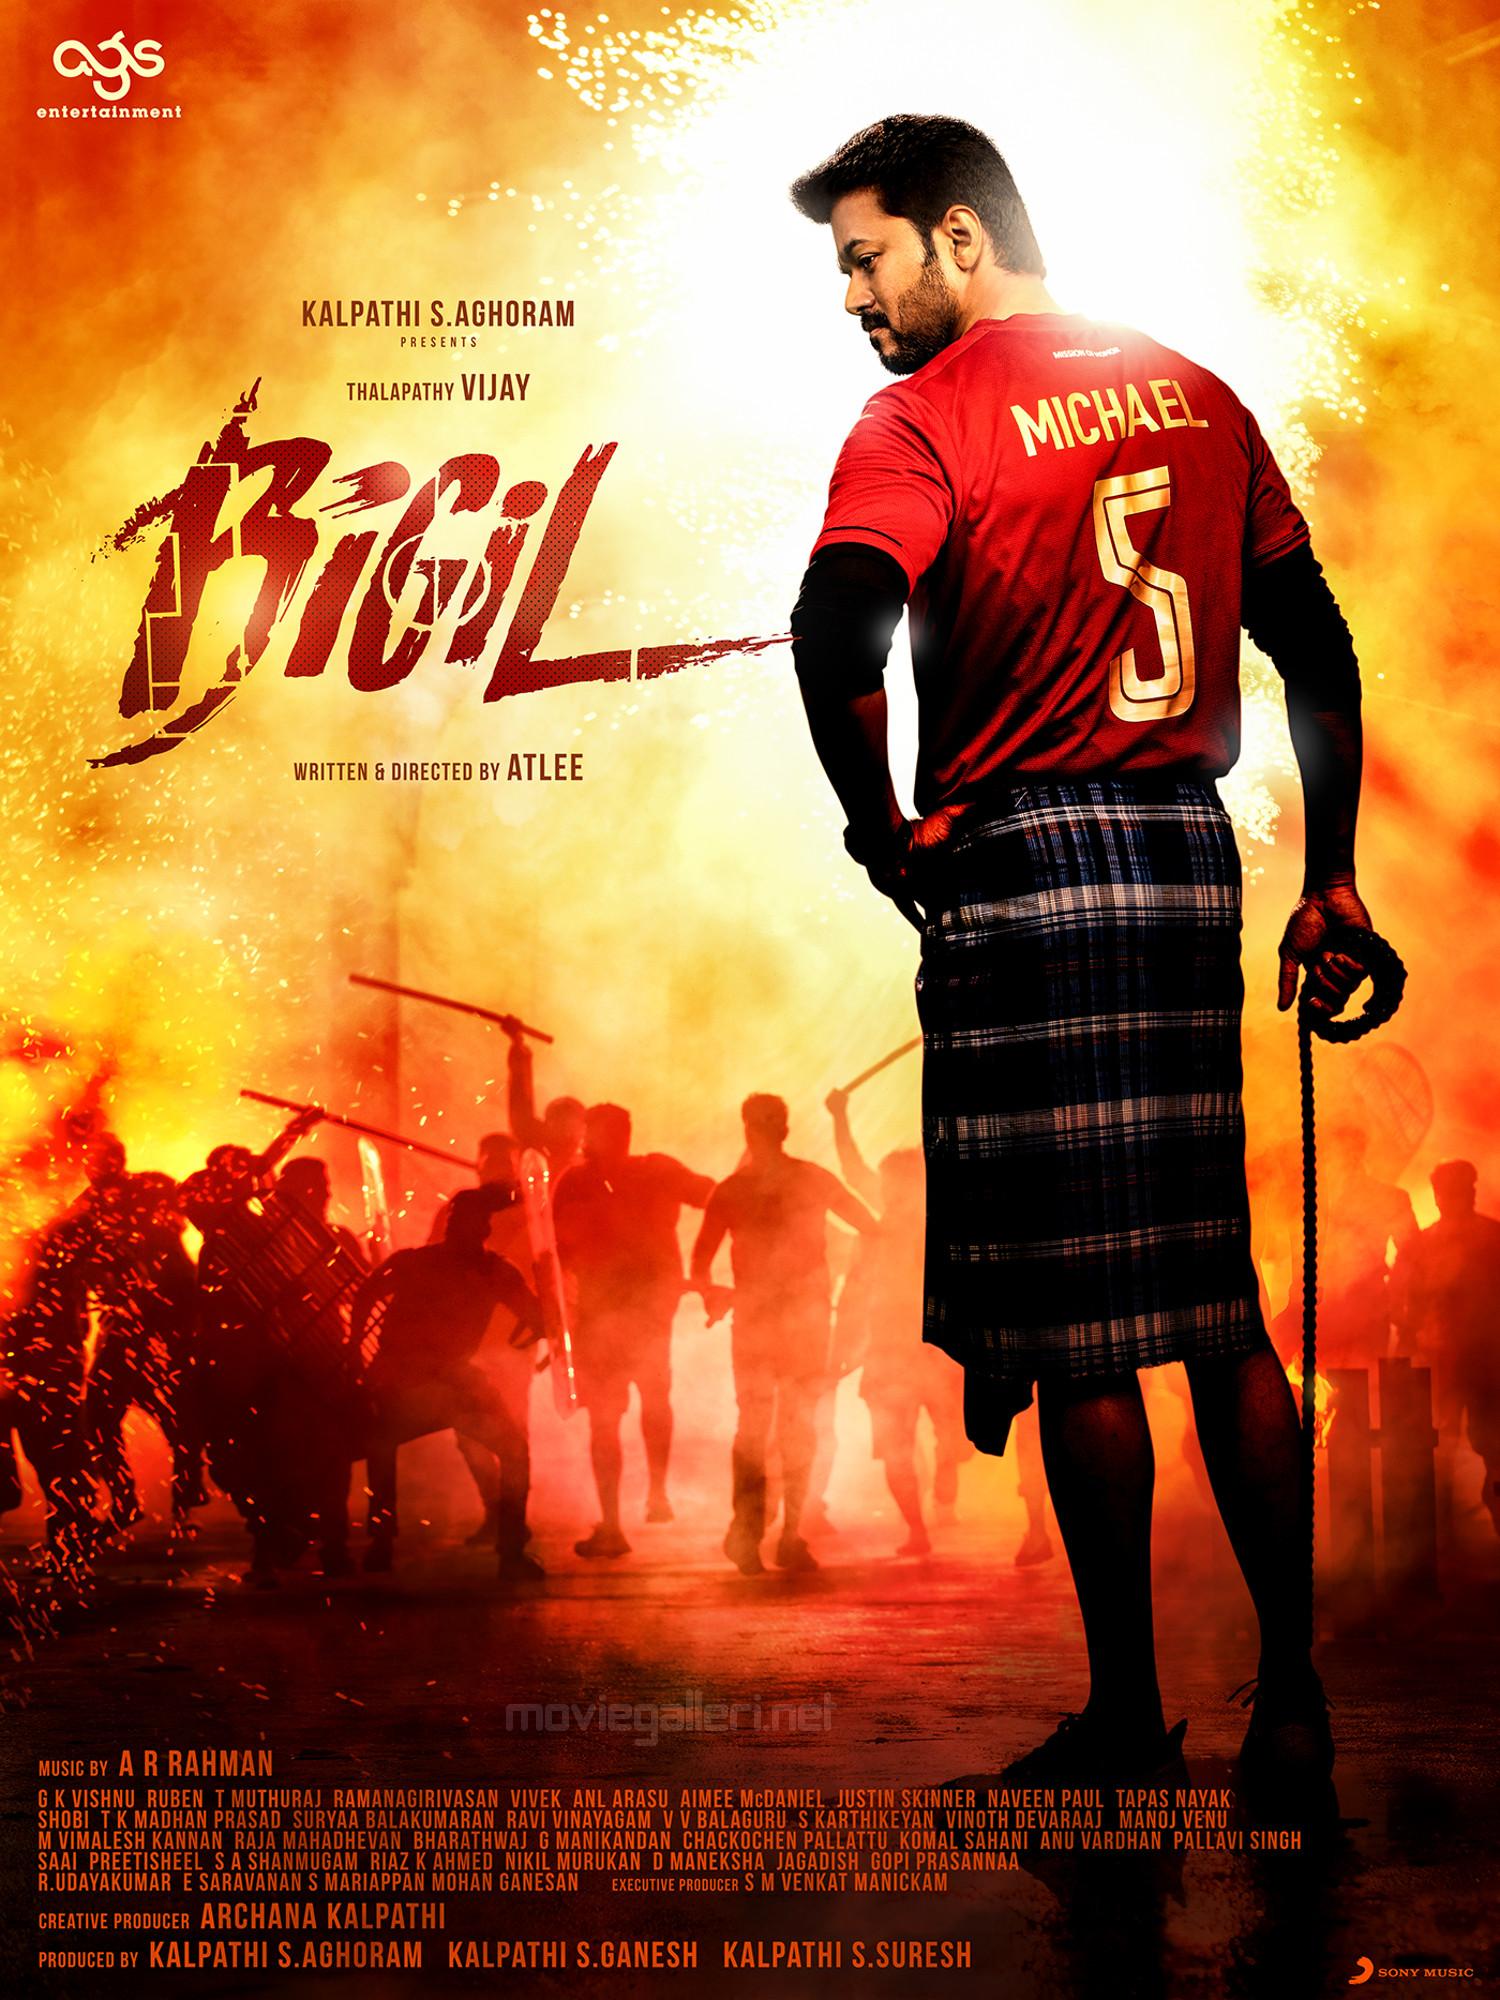 vijay bigil movie 3rd